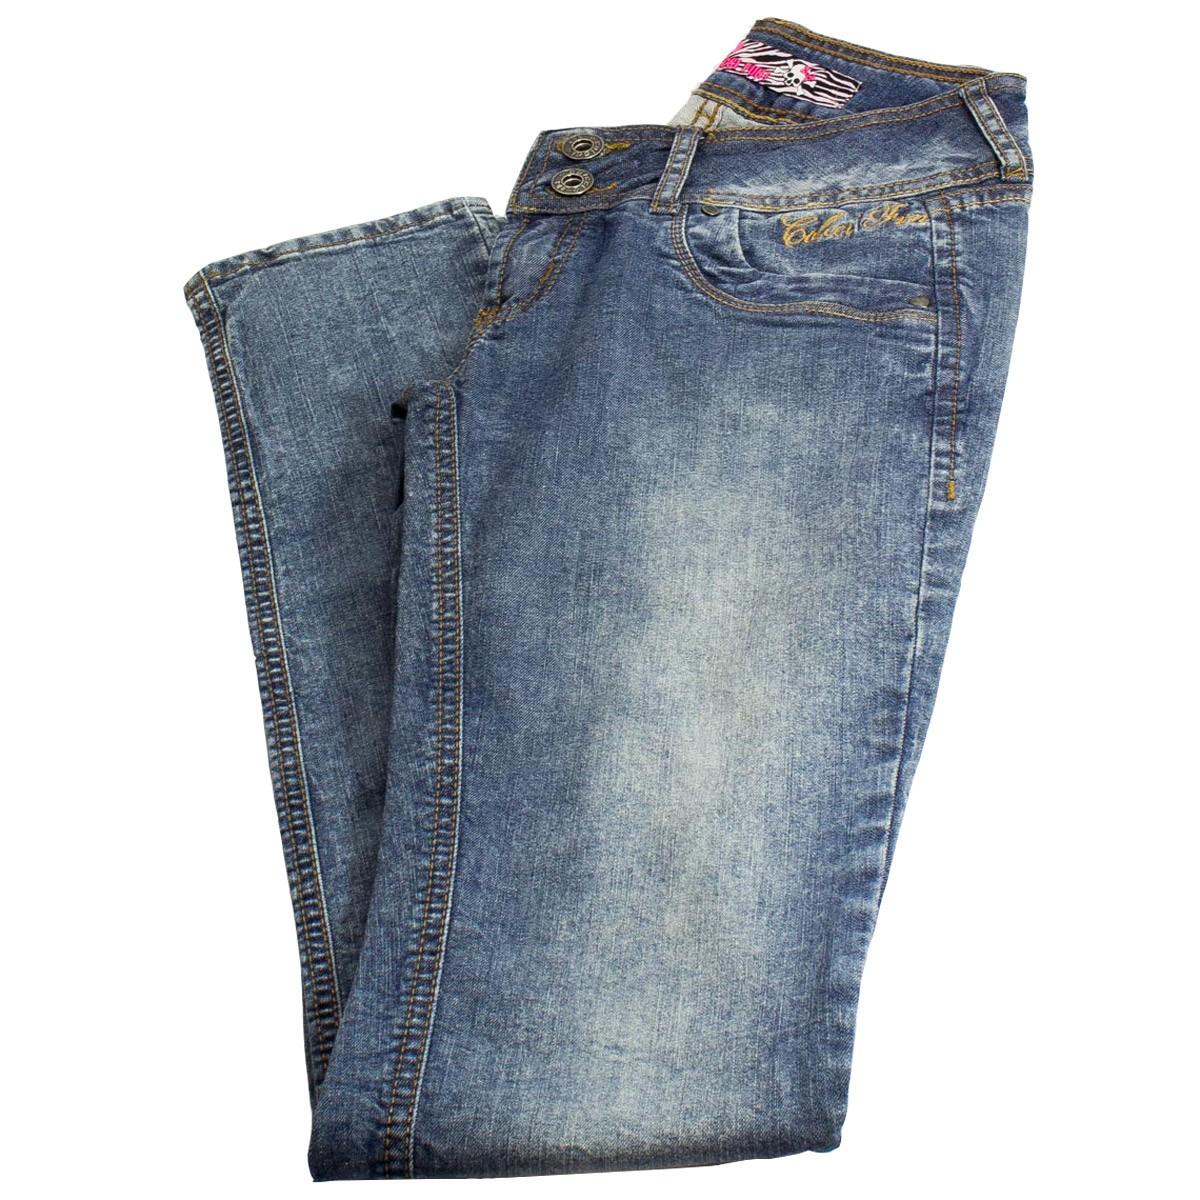 2cd858223 Bizz Store - Calça Jeans Infantil Menina Colcci Fun Indigo